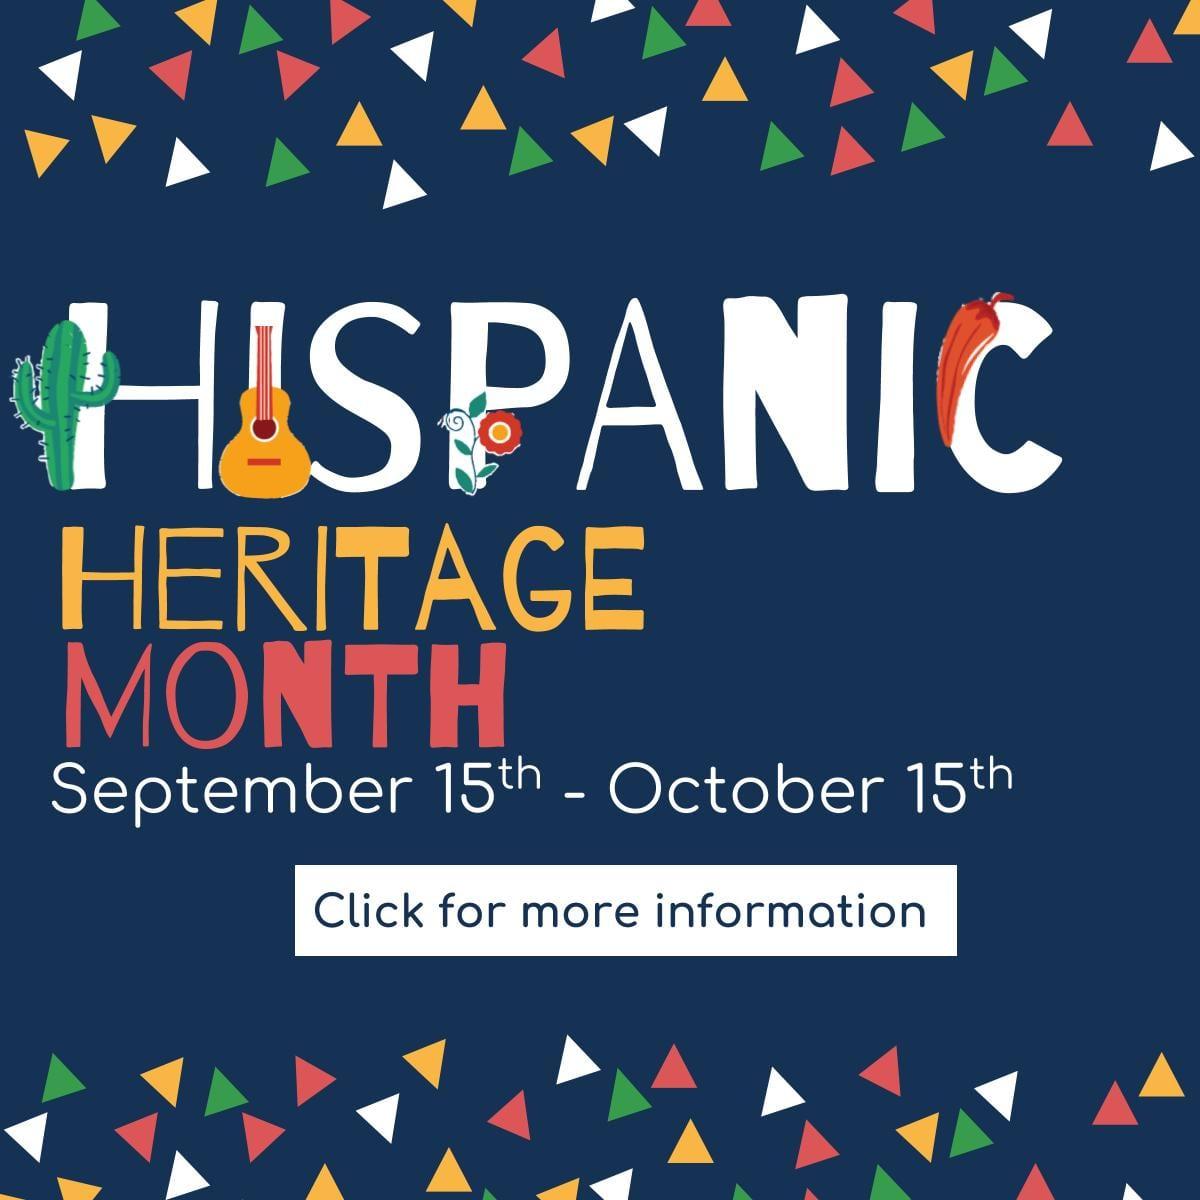 HIspanic Heritage Month September 15 through October 15 -